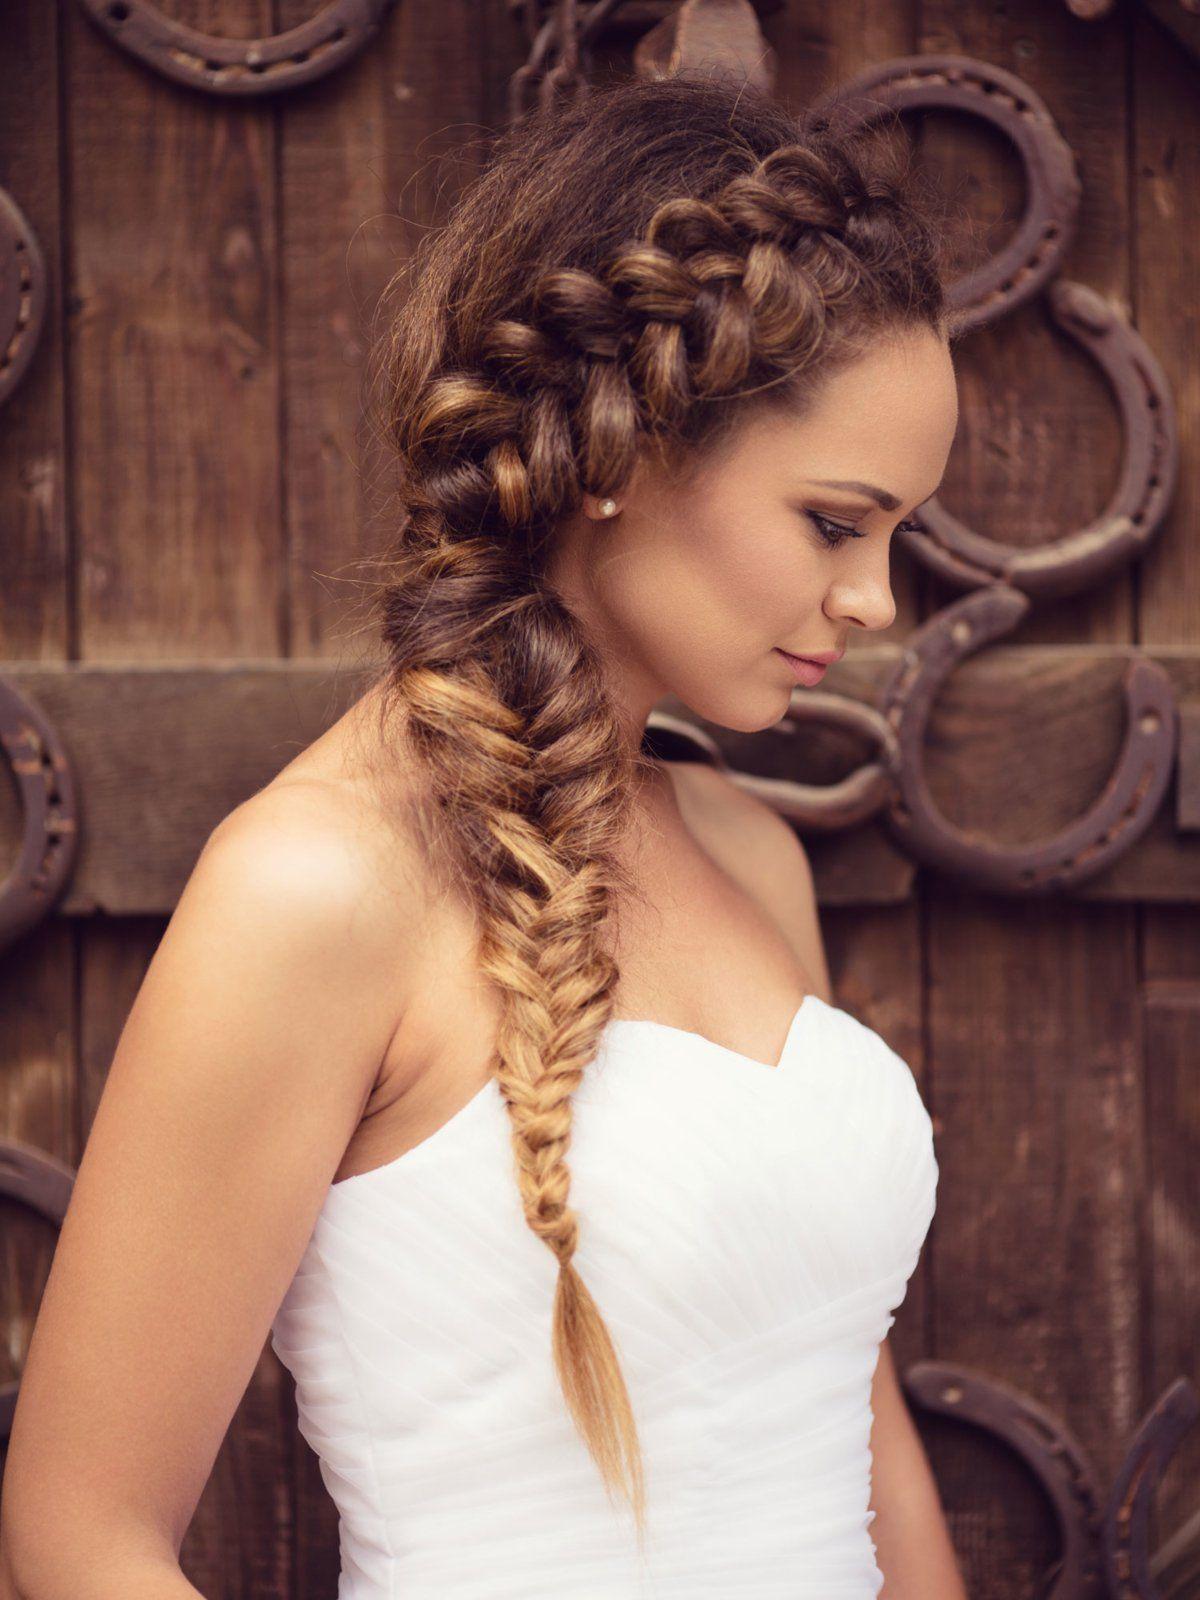 Diese Aufwendige Brautfrisur Ist Ein Echter Blickfang Und Passt Deshalb Vor Allem Zu Schlichten Hochzeitskleidern H Oktoberfest Frisur Wiesn Frisur Lange Haare